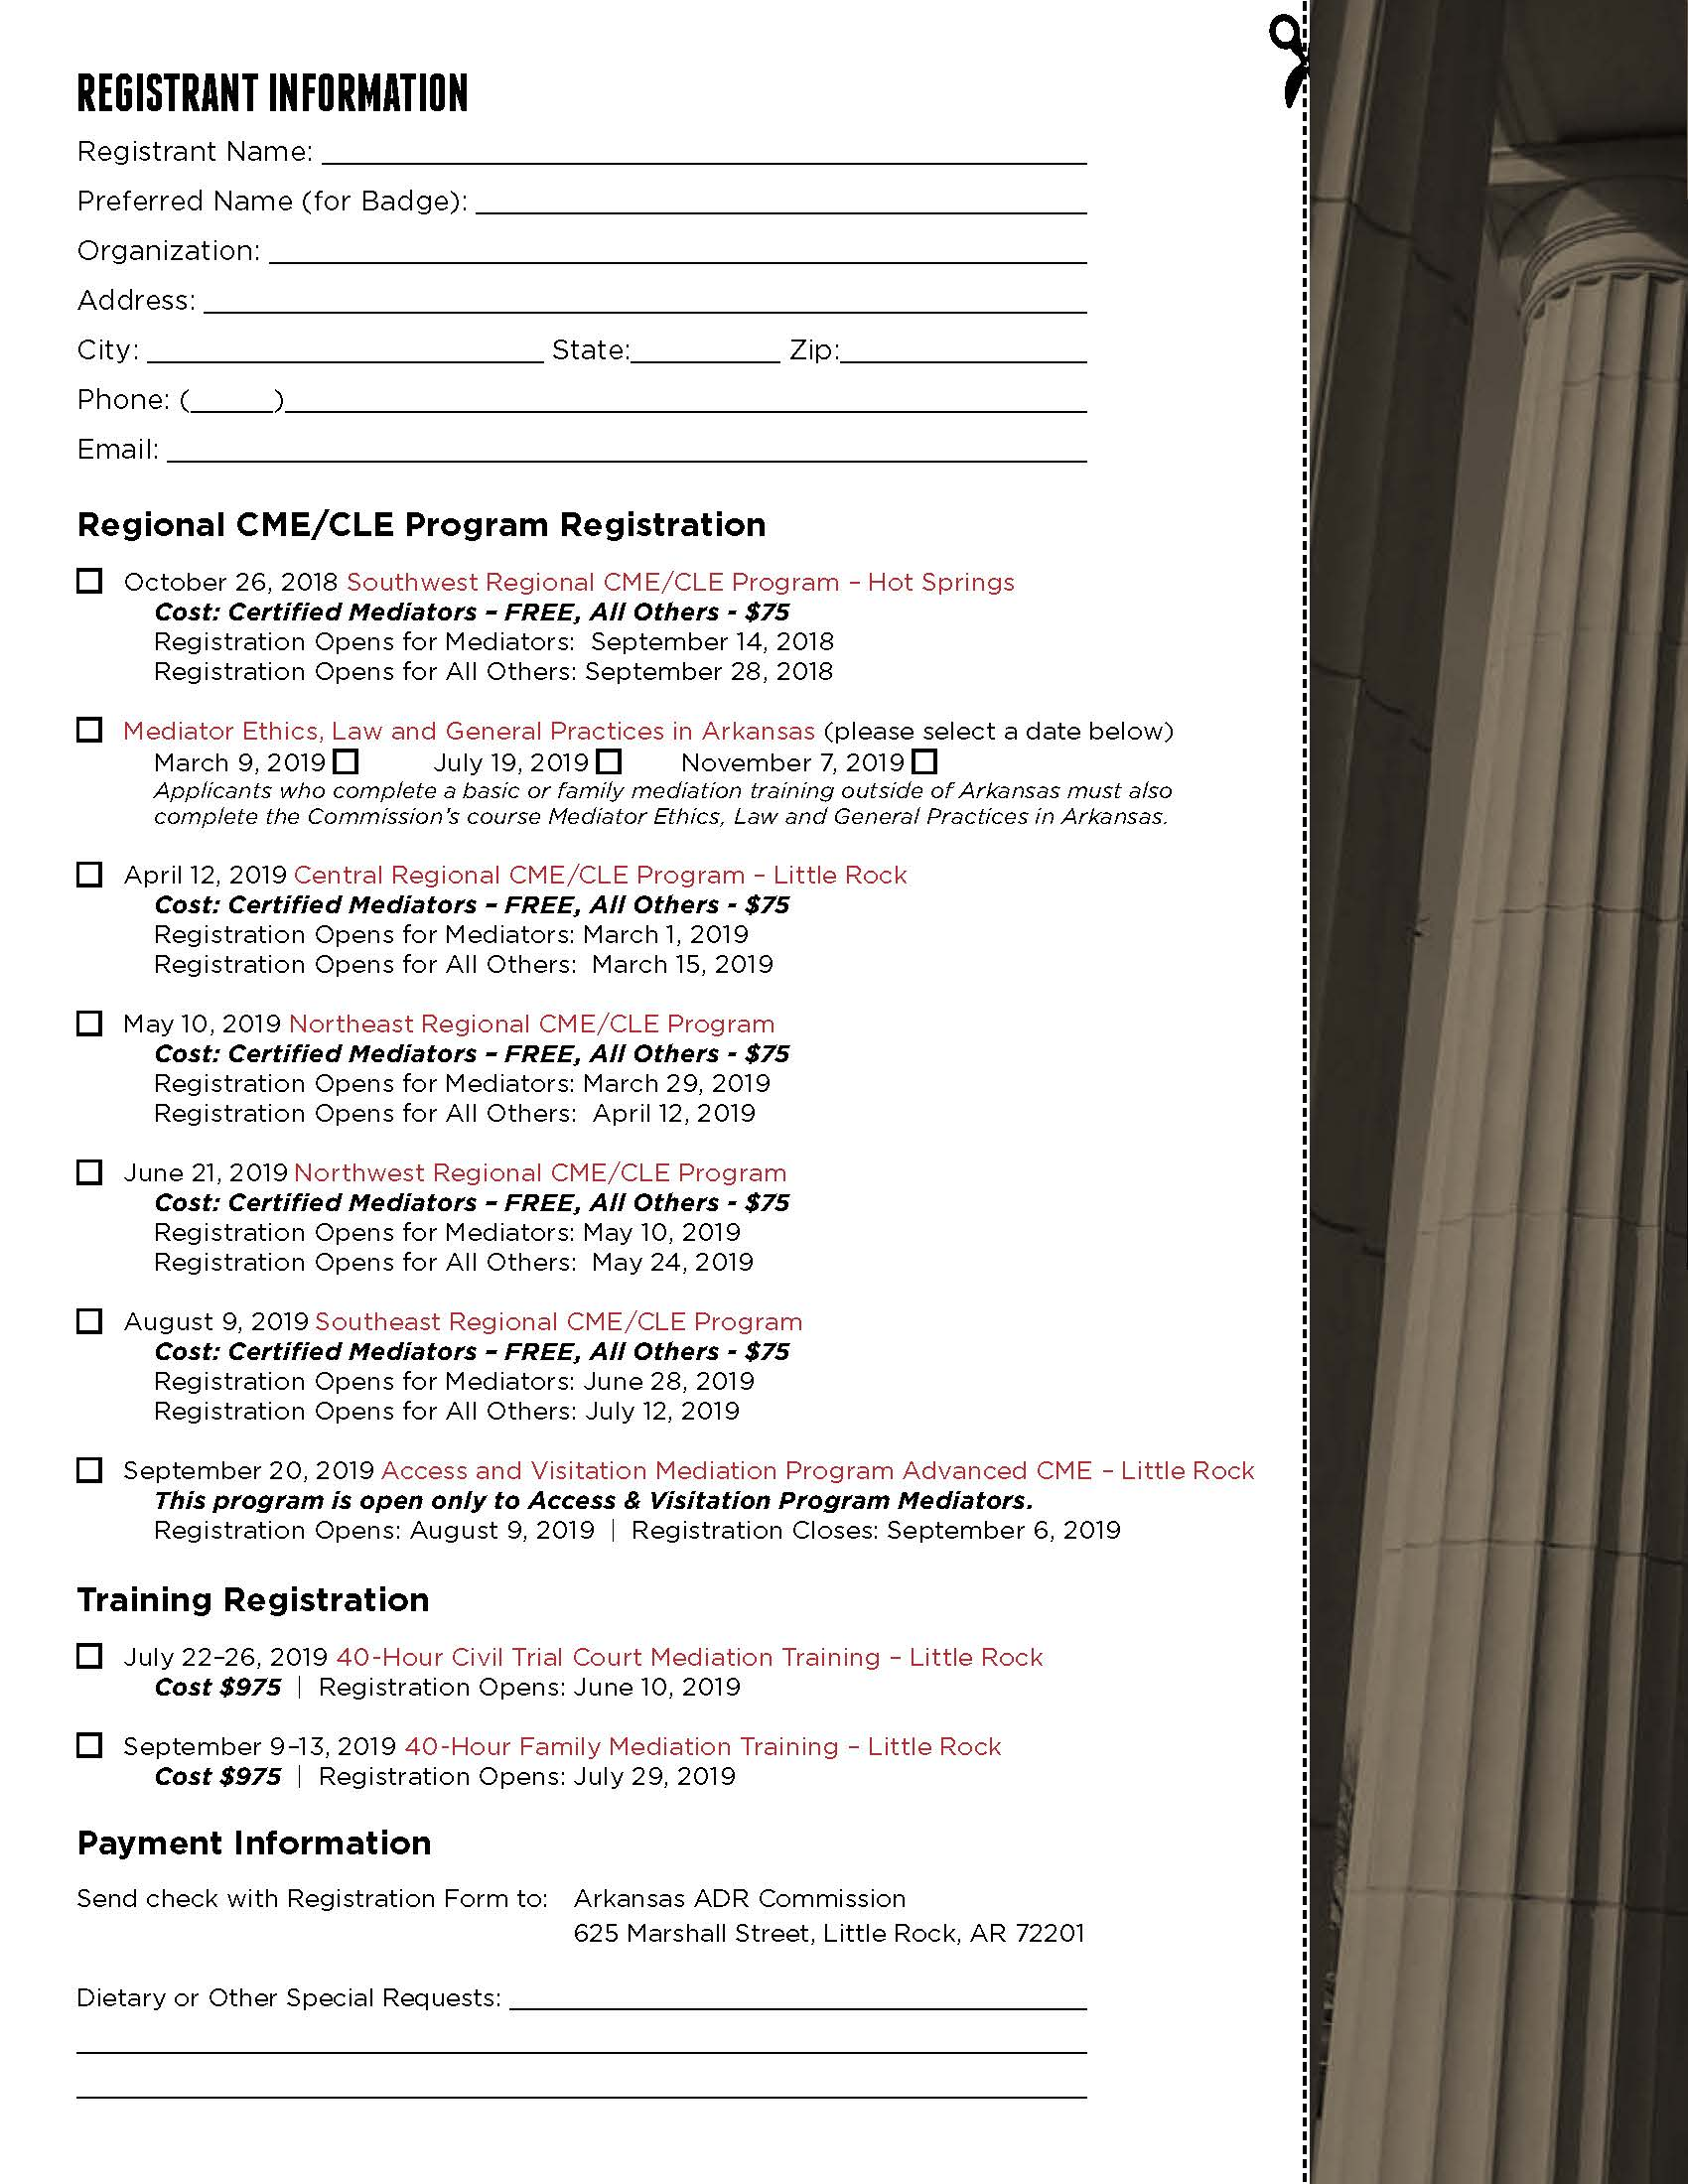 Registration Form